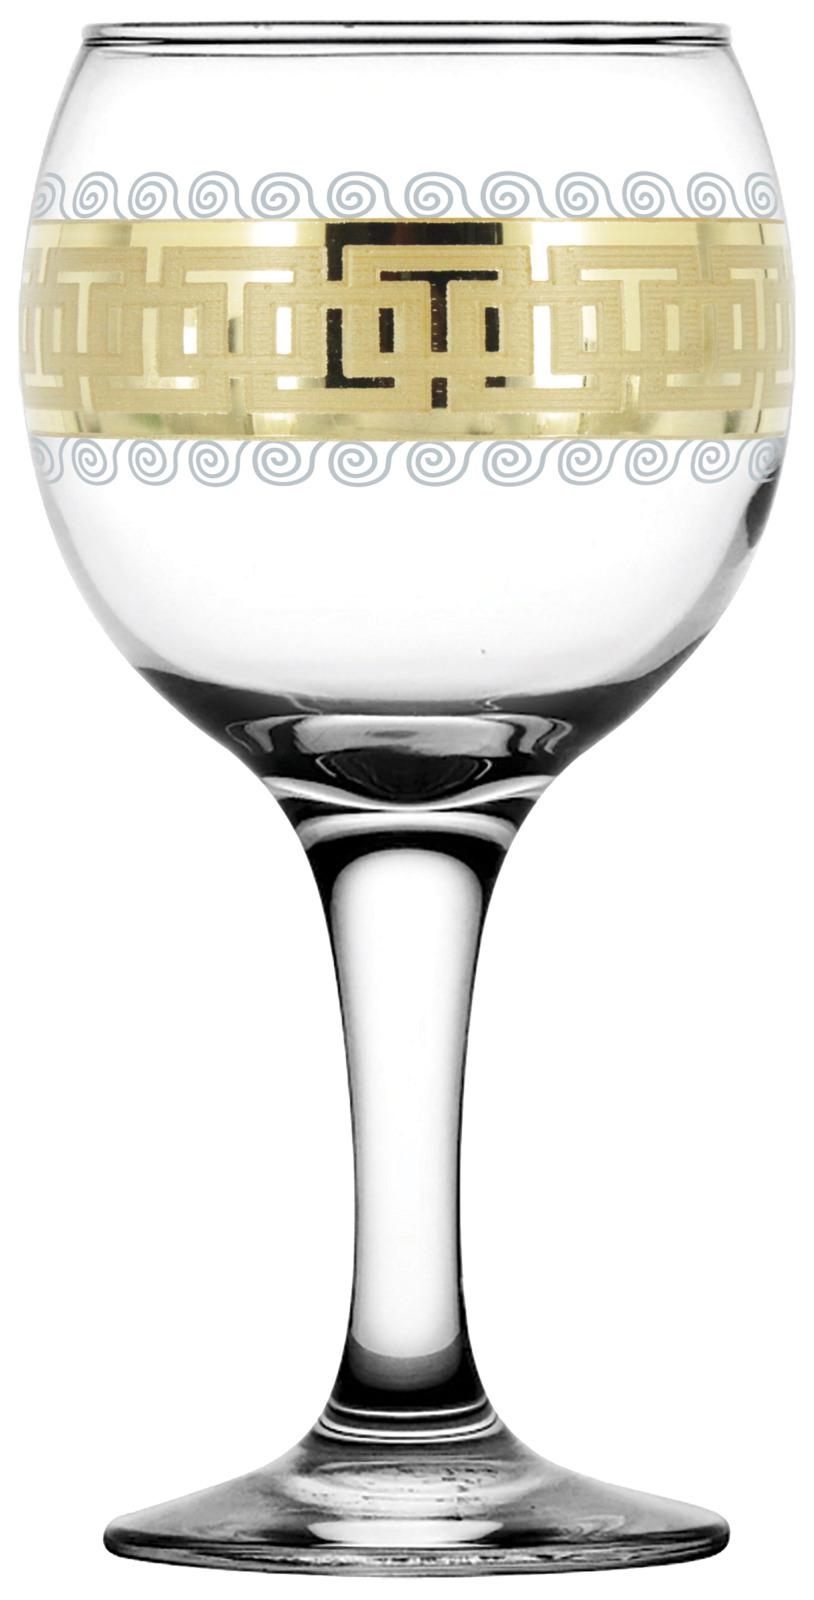 Набор фужеров Гусь-Хрустальный Меандр, EAV26-411, 260 мл, 6 шт набор рюмок гусь хрустальный меандр eav26 134 60 мл 6 шт